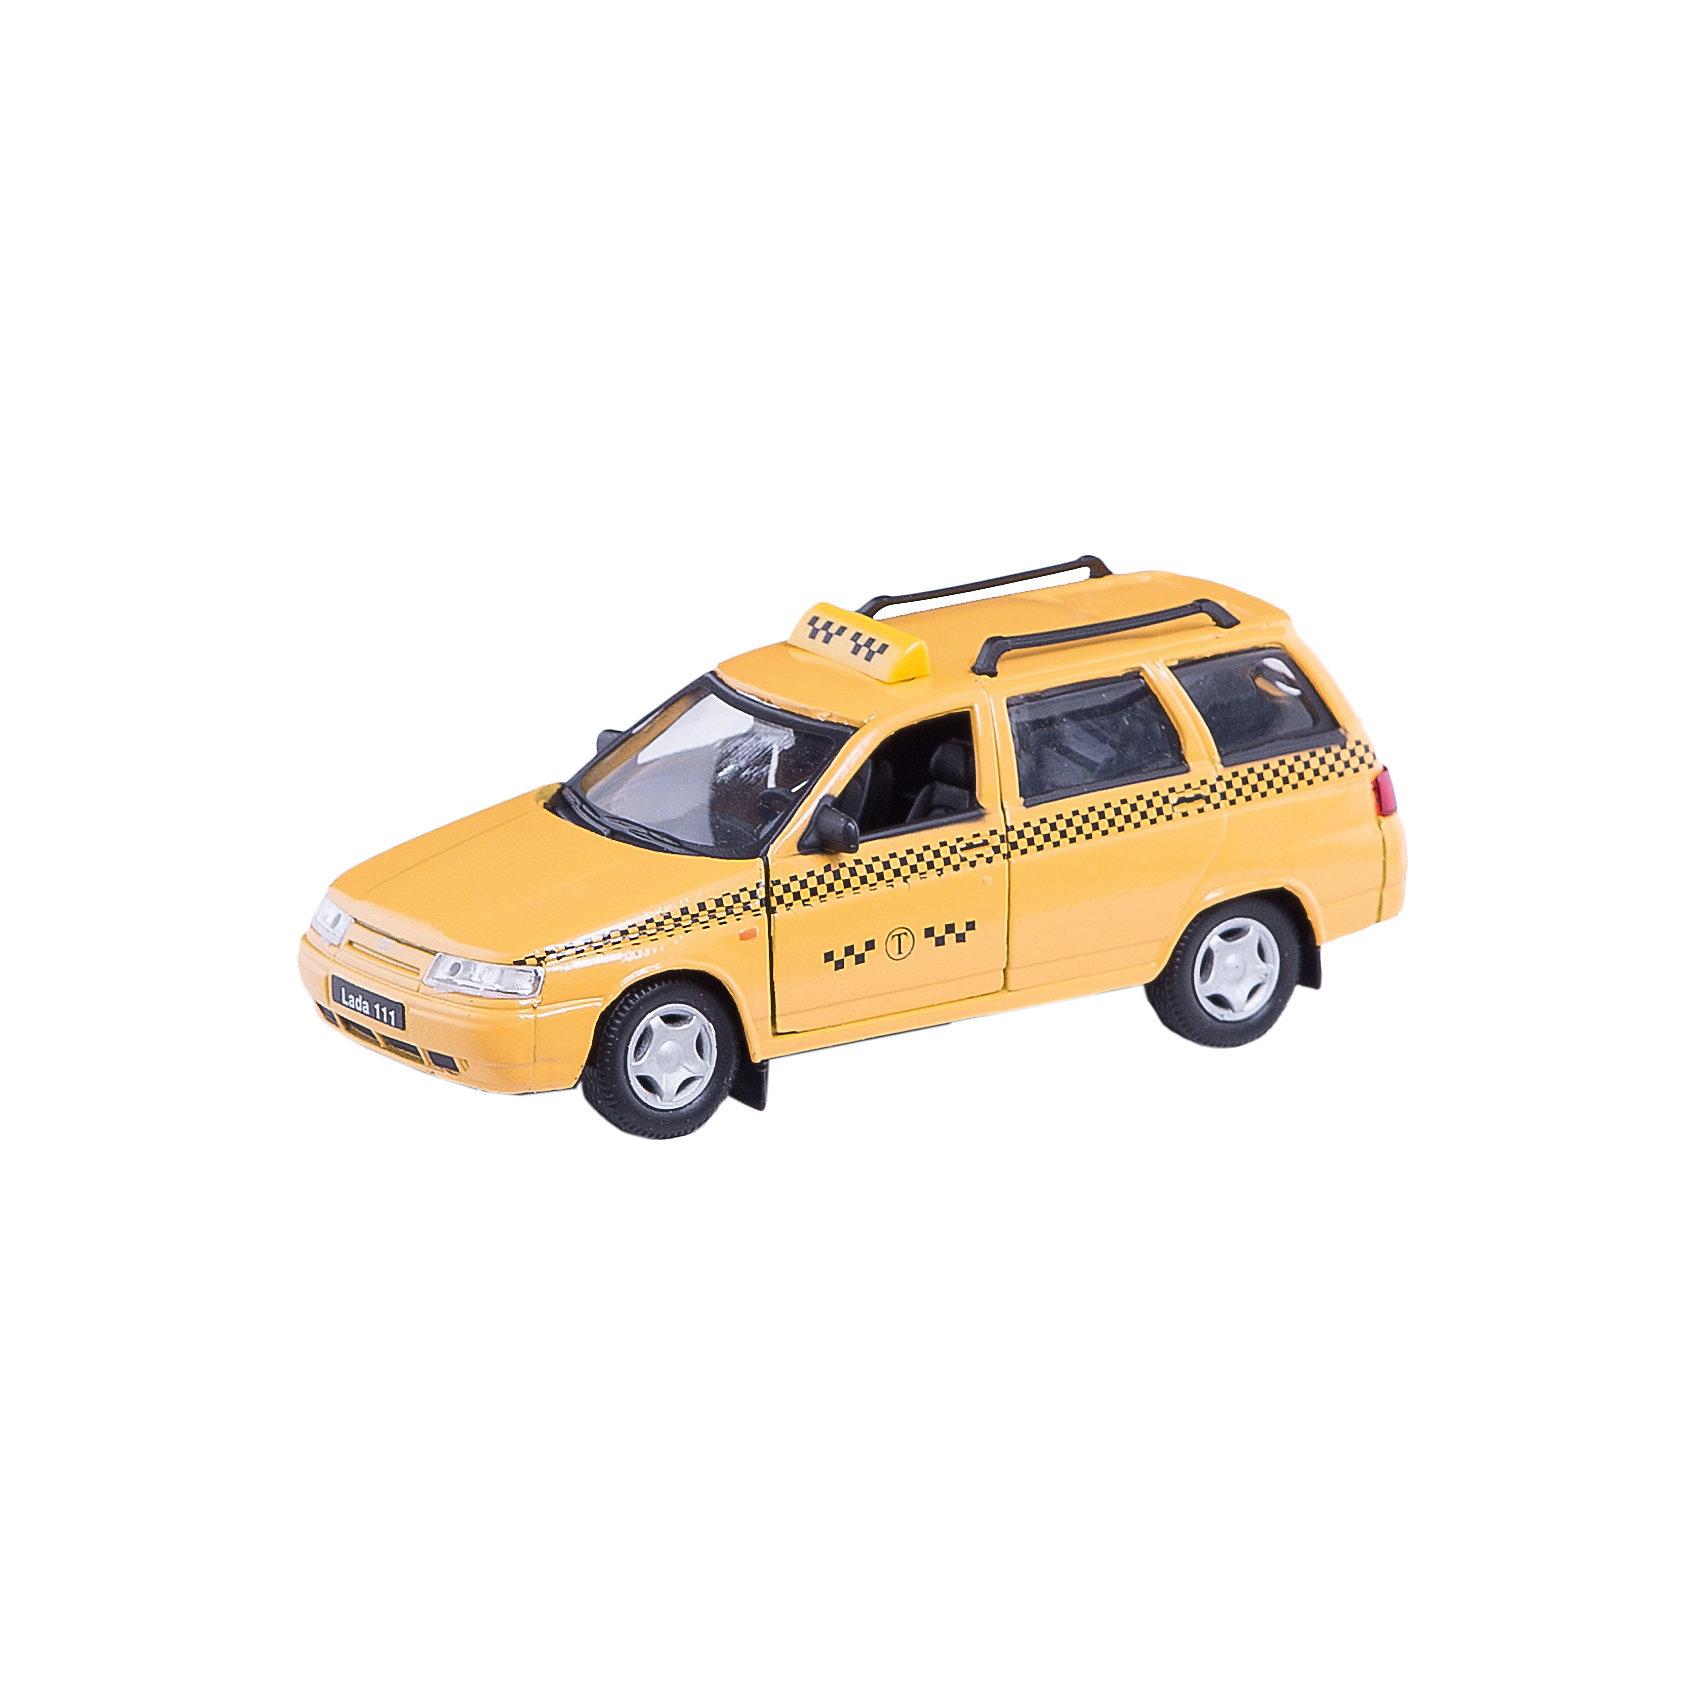 Машинка Lada 111 такси 1:36, AutotimeМашинки<br>Характеристики товара:<br><br>• цвет: желтый<br>• материал: металл, пластик<br>• размер: 16,5х7,х5,7 см<br>• вес: 100 г<br>• масштаб: 1:36<br>• прочный материал<br>• хорошая детализация<br>• открываются двери<br>• страна бренда: Россия<br>• страна производства: Китай<br><br>Коллекционная машинка LADA 111 такси от бренда AUTOTIME станет отличным подарком для мальчика. Подробная детализация машинки порадует увлеченного коллекционера, а открывающиеся двери и свободно вращающиеся колеса придутся по душе юному владельцу игрушечного гаража. Эта игрушка подарит восторг и радость вашему ребенку. <br><br>Игрушка также воздействует на наглядно-образное мышление, логическое мышление, развивает мелкую моторику. Изделие выполнено из сертифицированных материалов, безопасных для детей.<br><br>Машинку «Lada 111» такси от бренда AUTOTIME можно купить в нашем интернет-магазине.<br><br>Ширина мм: 165<br>Глубина мм: 57<br>Высота мм: 75<br>Вес г: 13<br>Возраст от месяцев: 36<br>Возраст до месяцев: 2147483647<br>Пол: Мужской<br>Возраст: Детский<br>SKU: 5583922